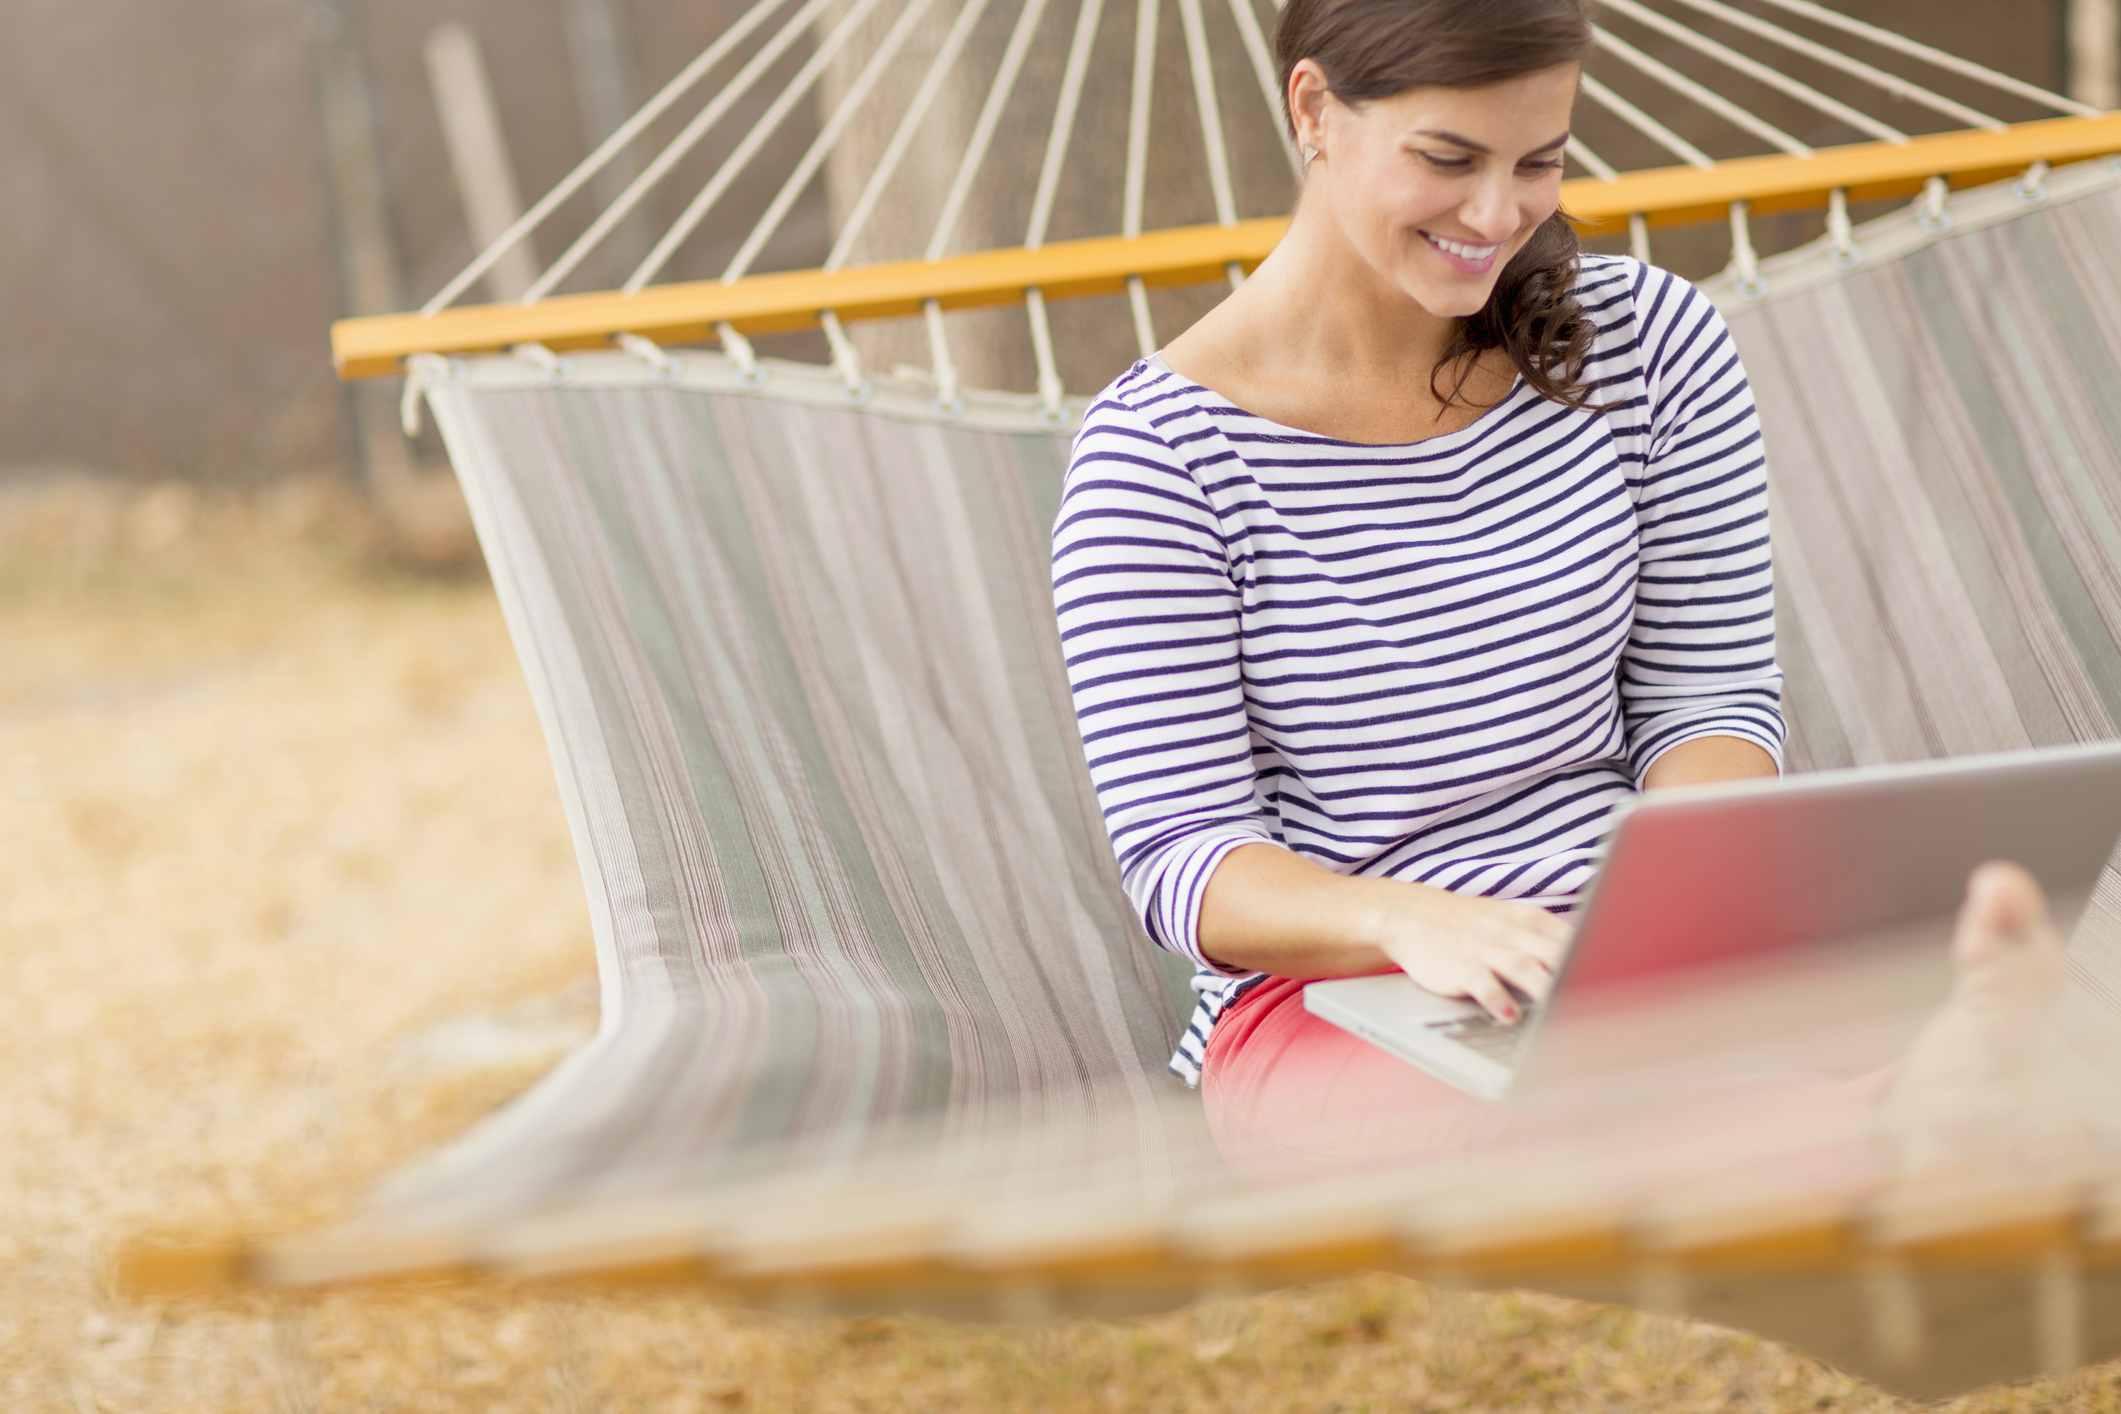 kvinne i hengekøye med PC i fanget, planlegger smart bruk av feriepenger